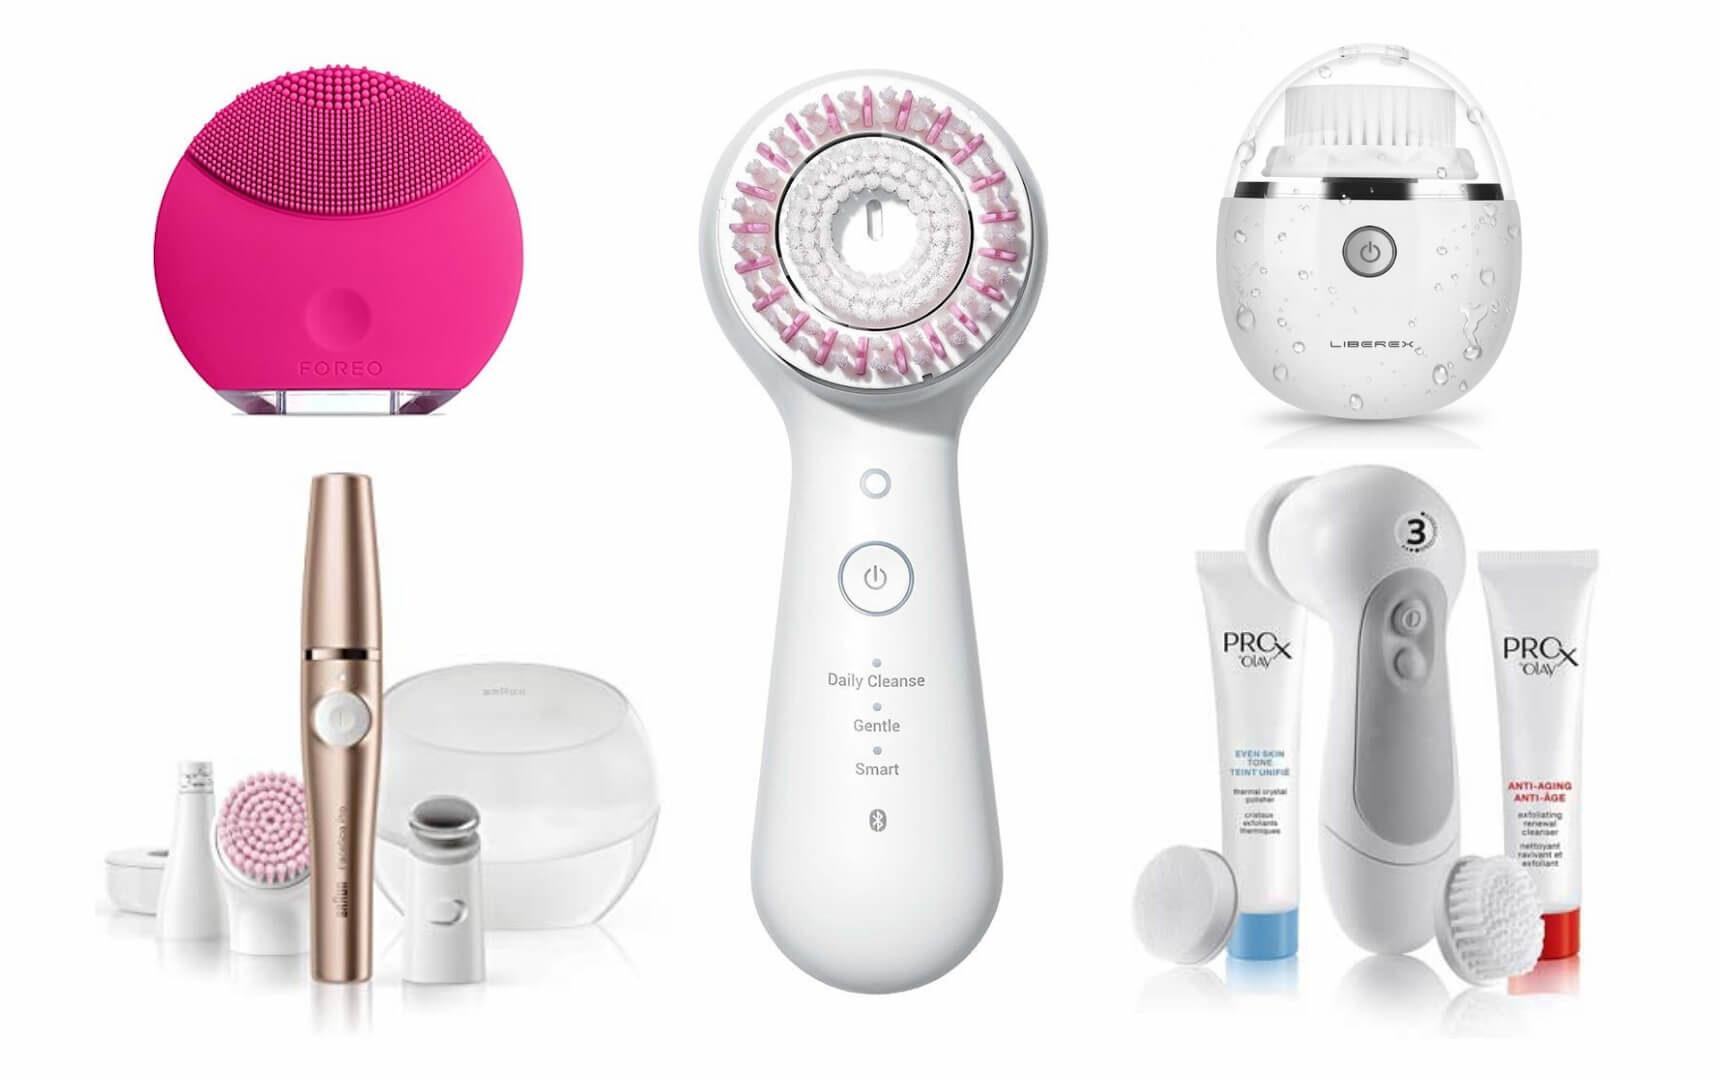 miglior-spazzola-pulizia-viso